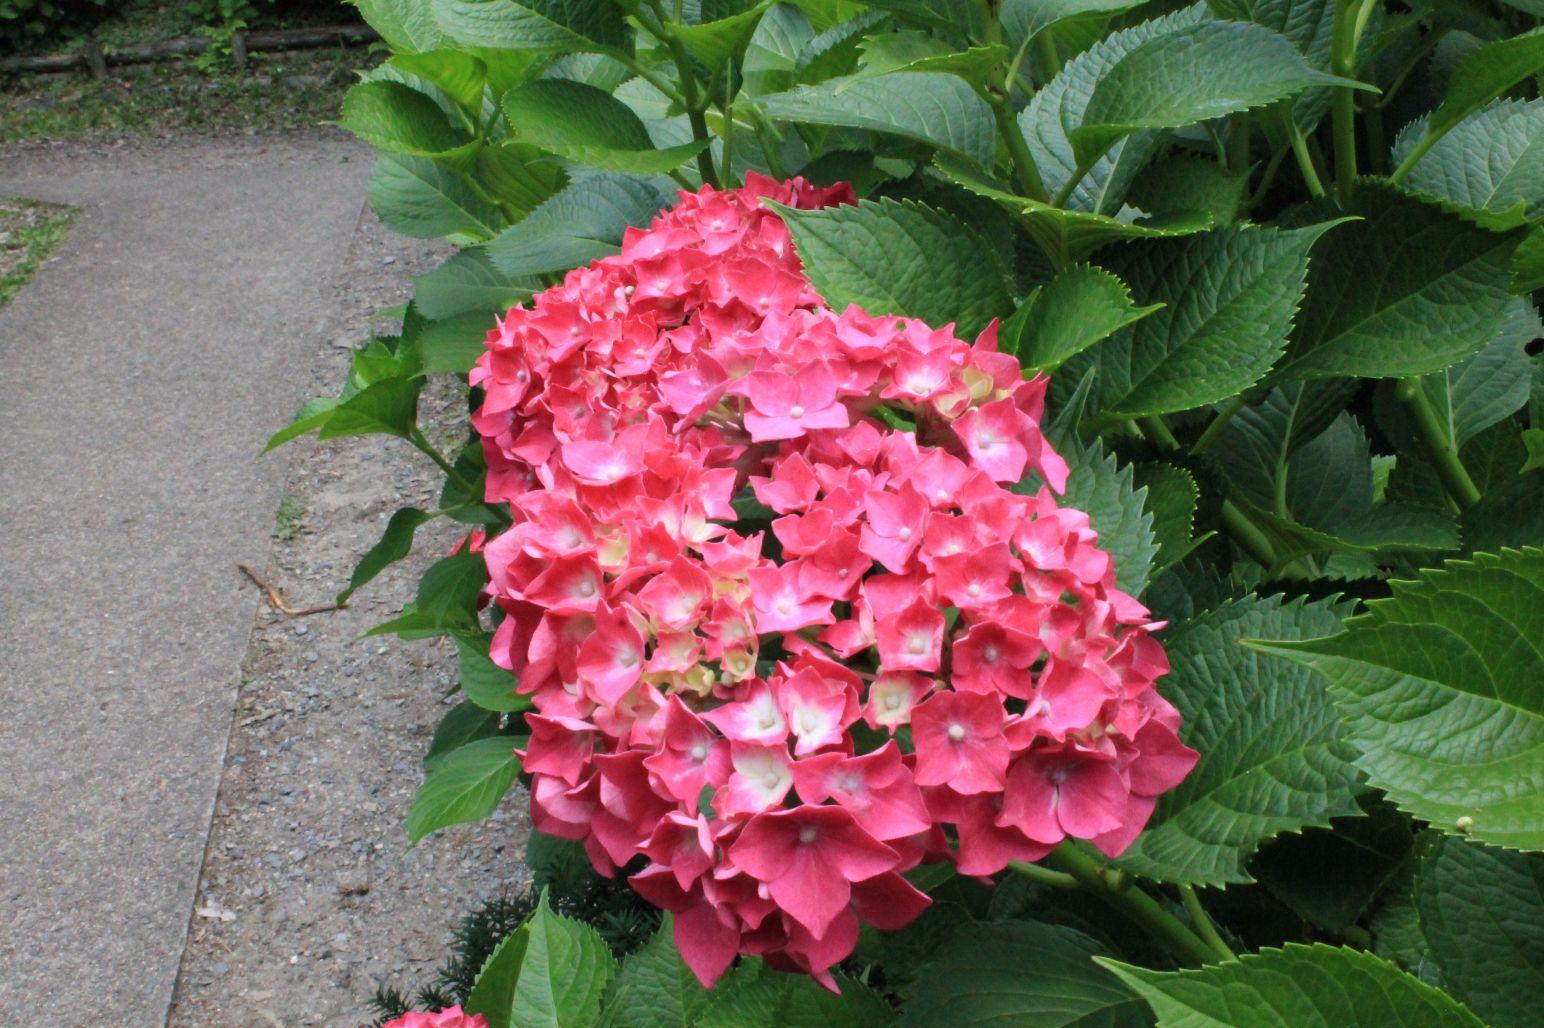 京都府立植物園は『あじさい』の見頃!!180種2500株のあじさいが咲き乱れる⁉